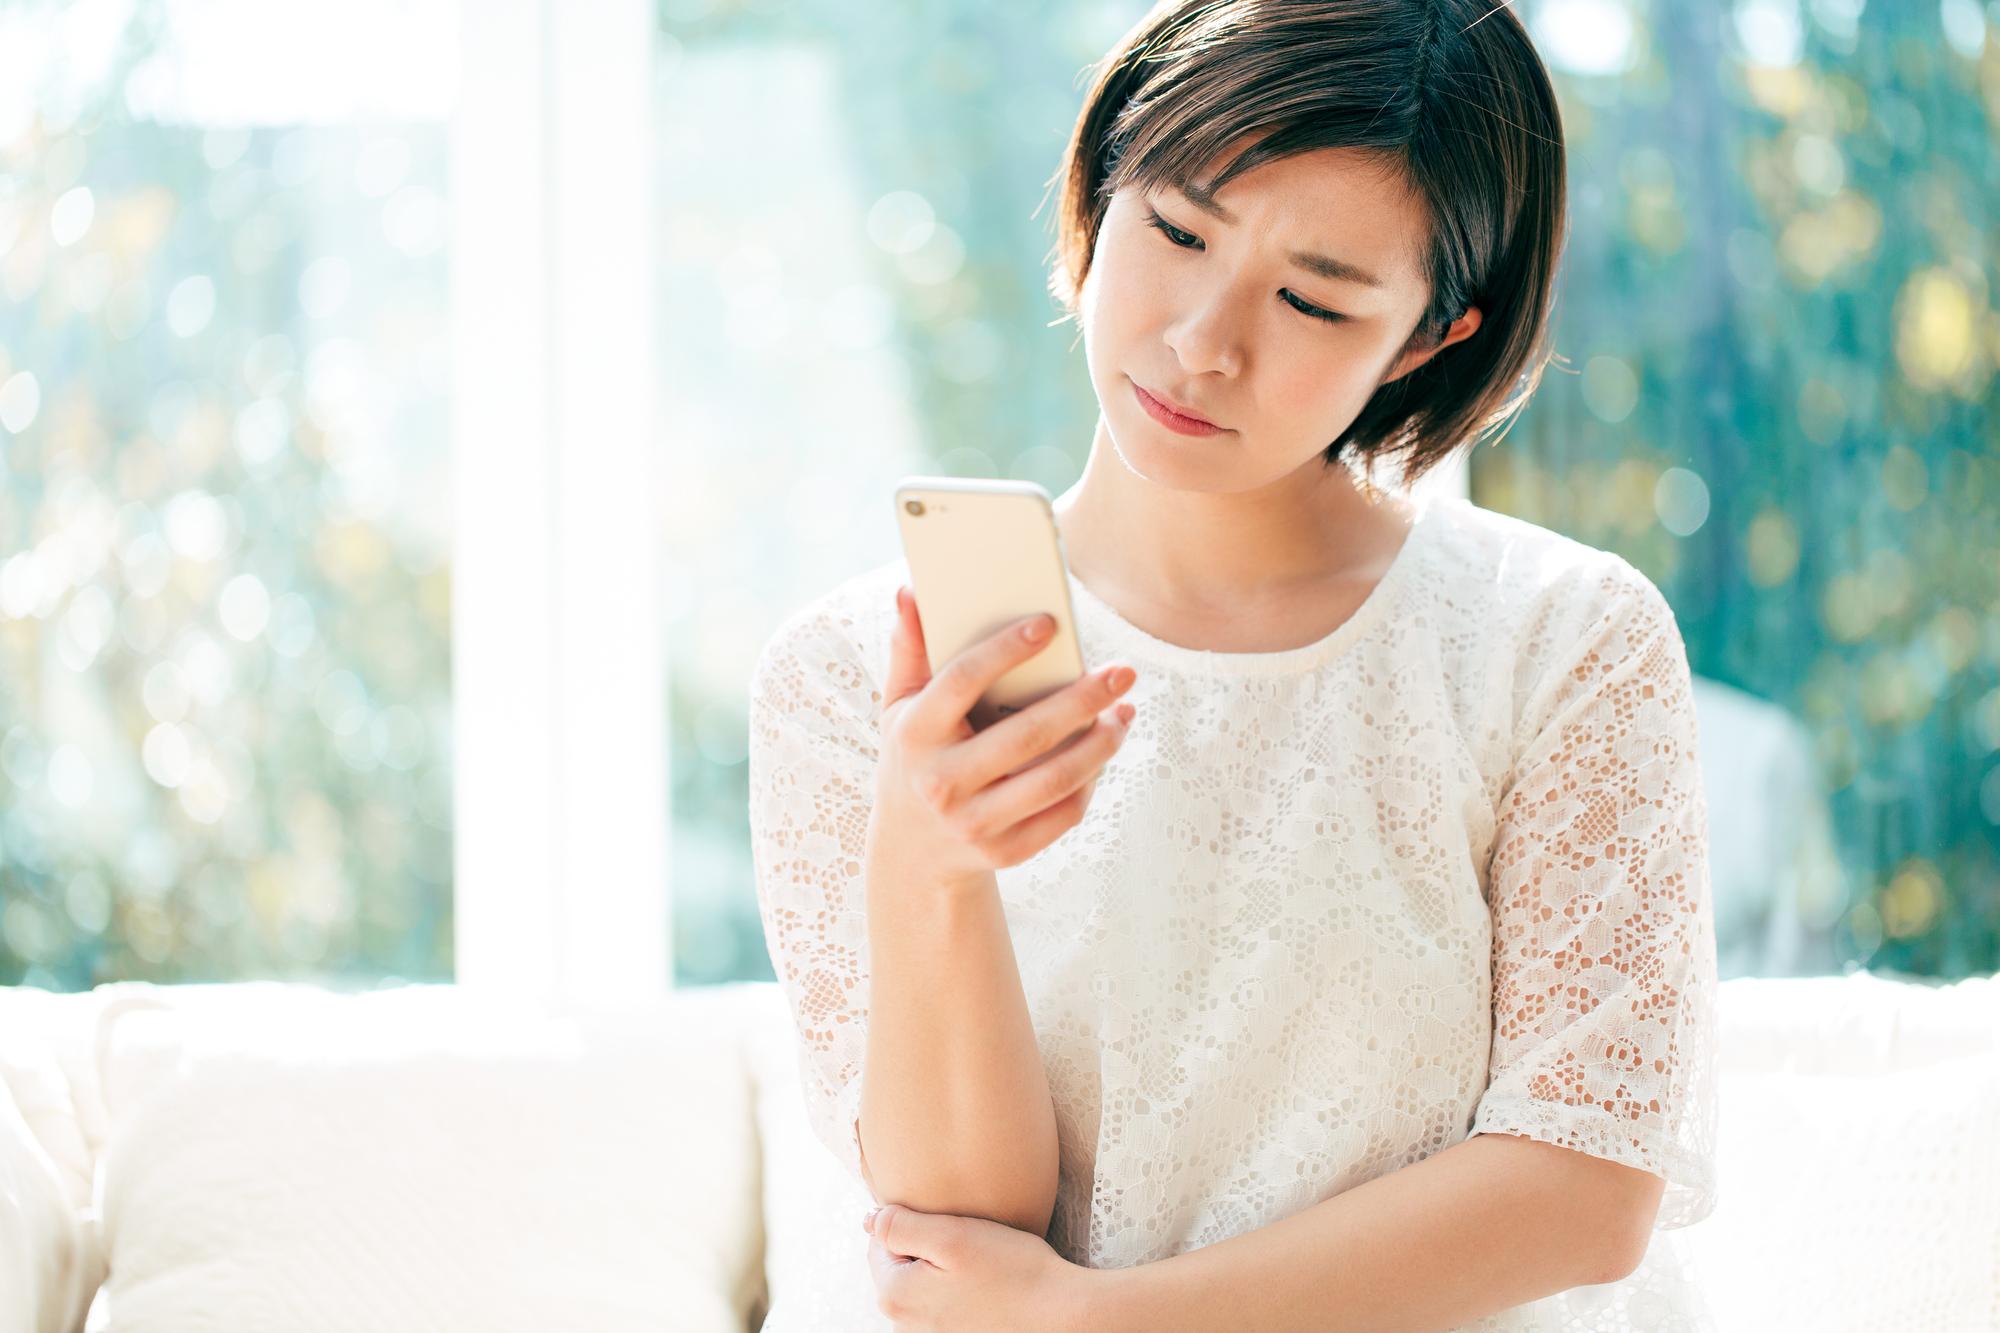 子宮筋腫の検査